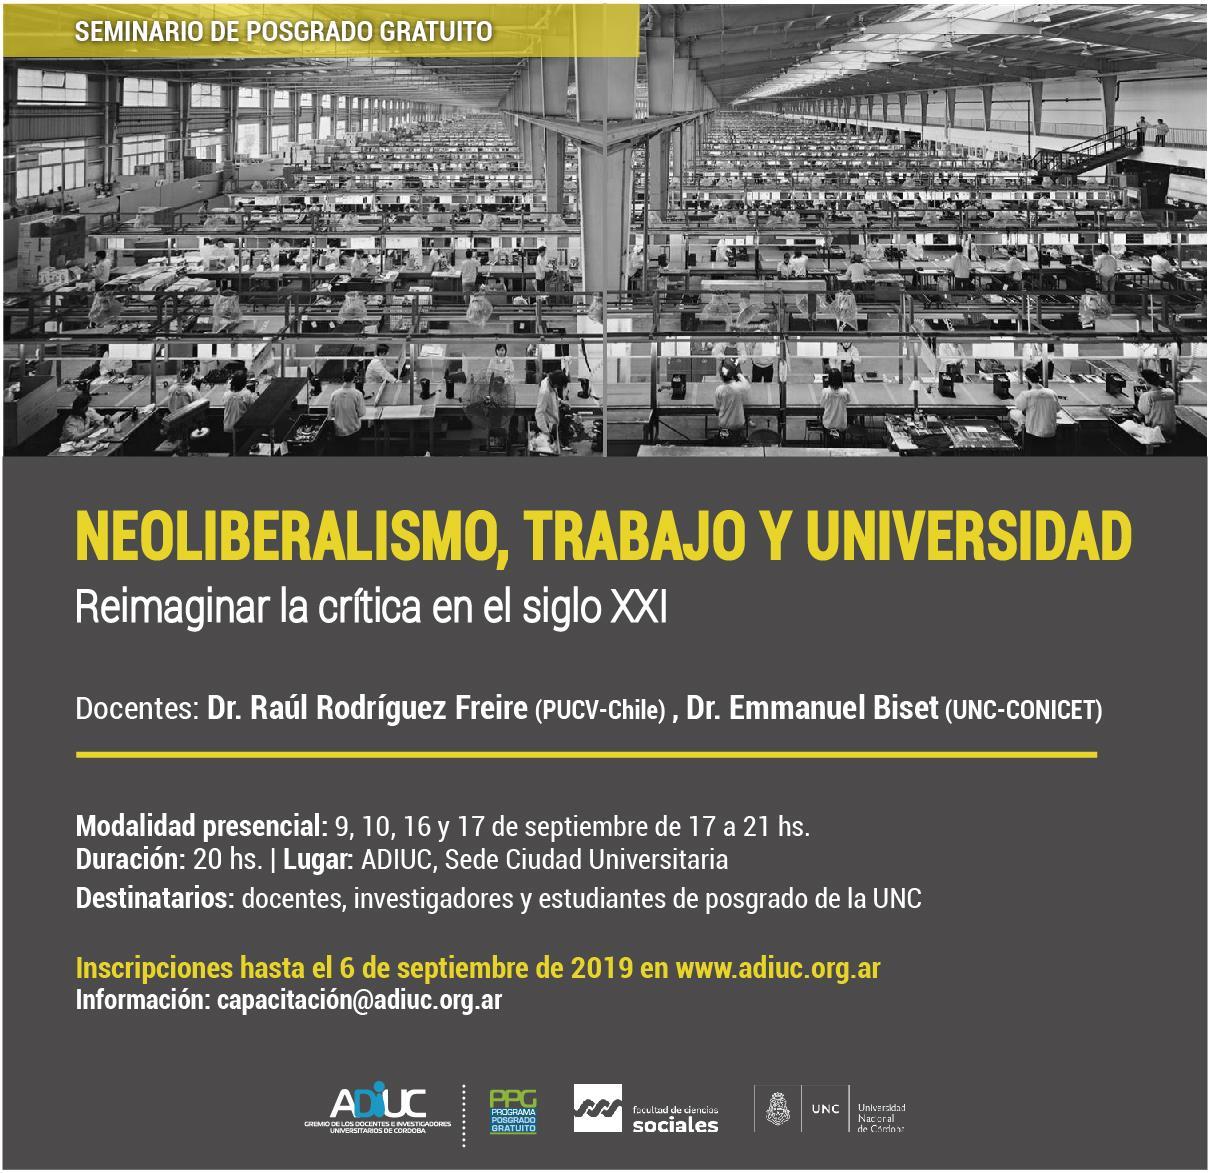 Neoliberalismo, Trabajo Y Universidad. Reimaginar La Crítica En El Siglo XXI | Seminario De Posgrado Gratuito